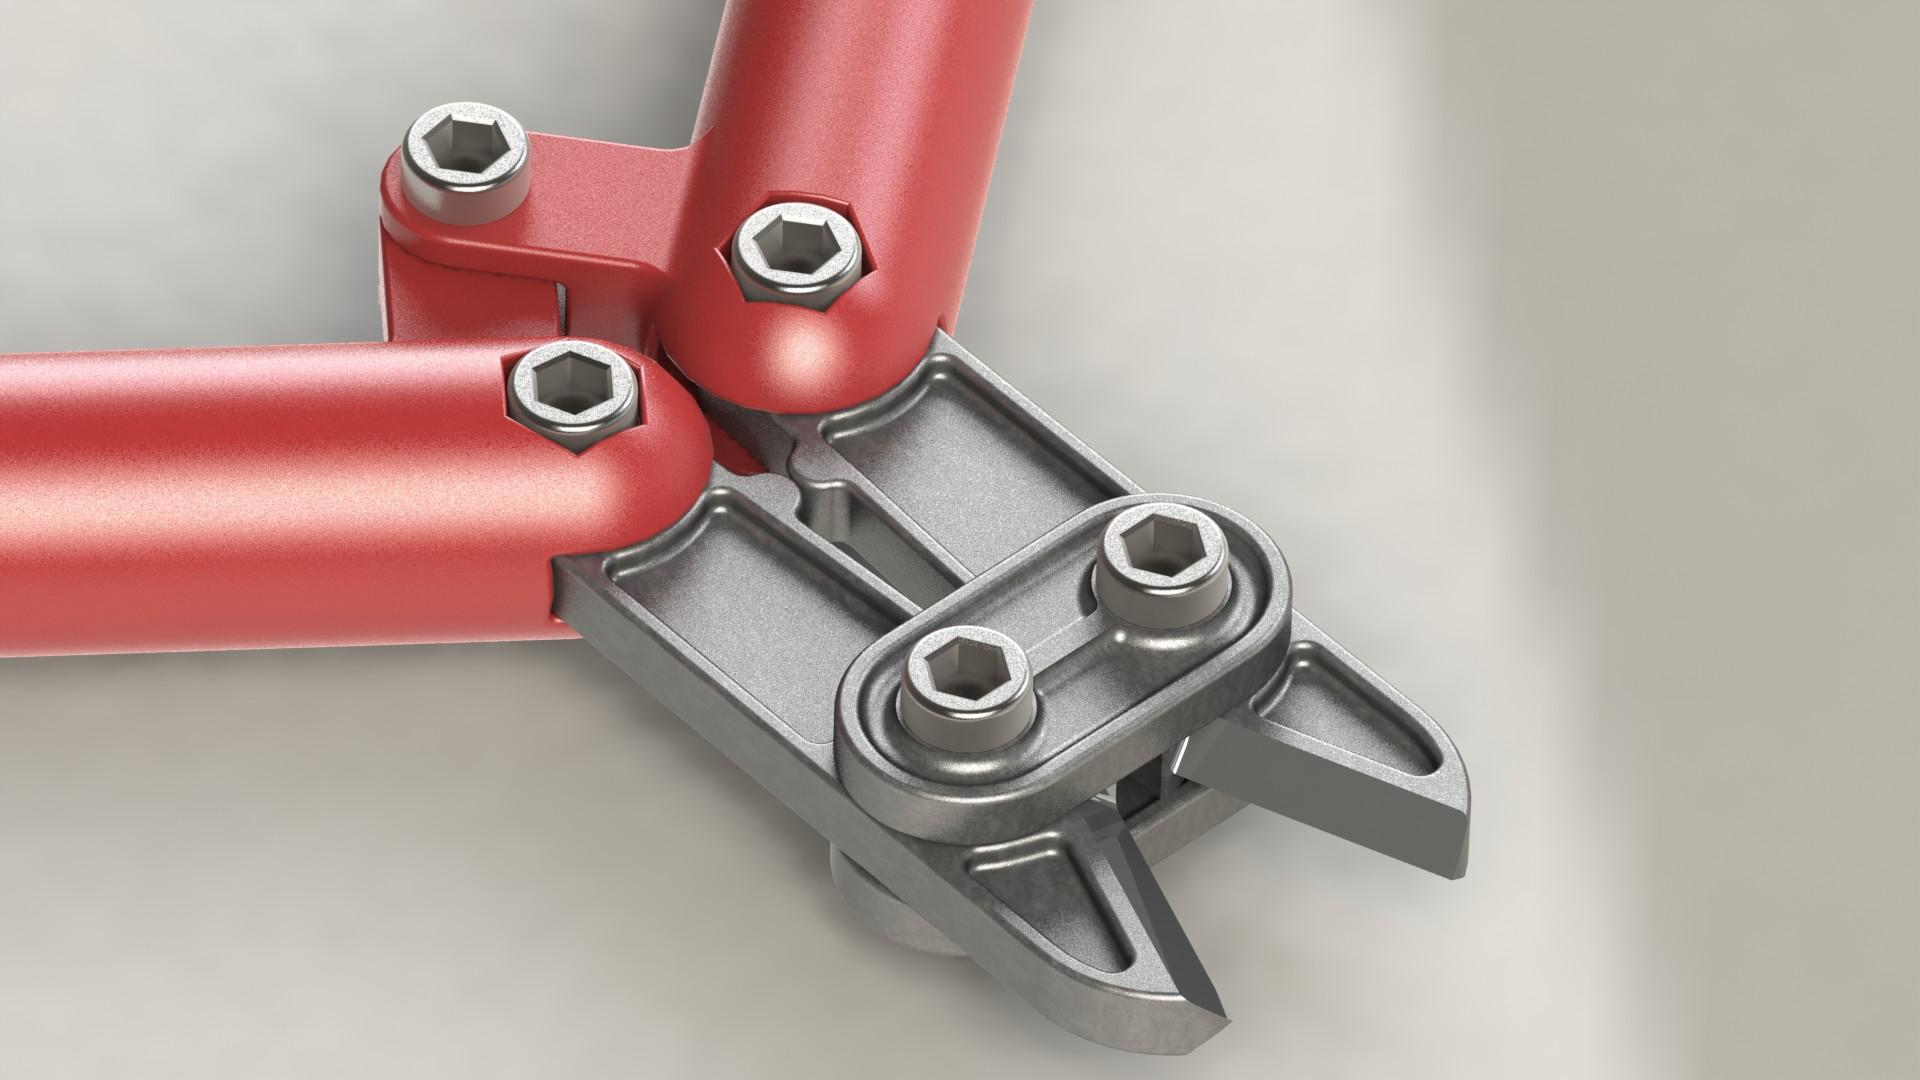 简易断线钳螺栓刀具3D模型图纸 Solidworks设计